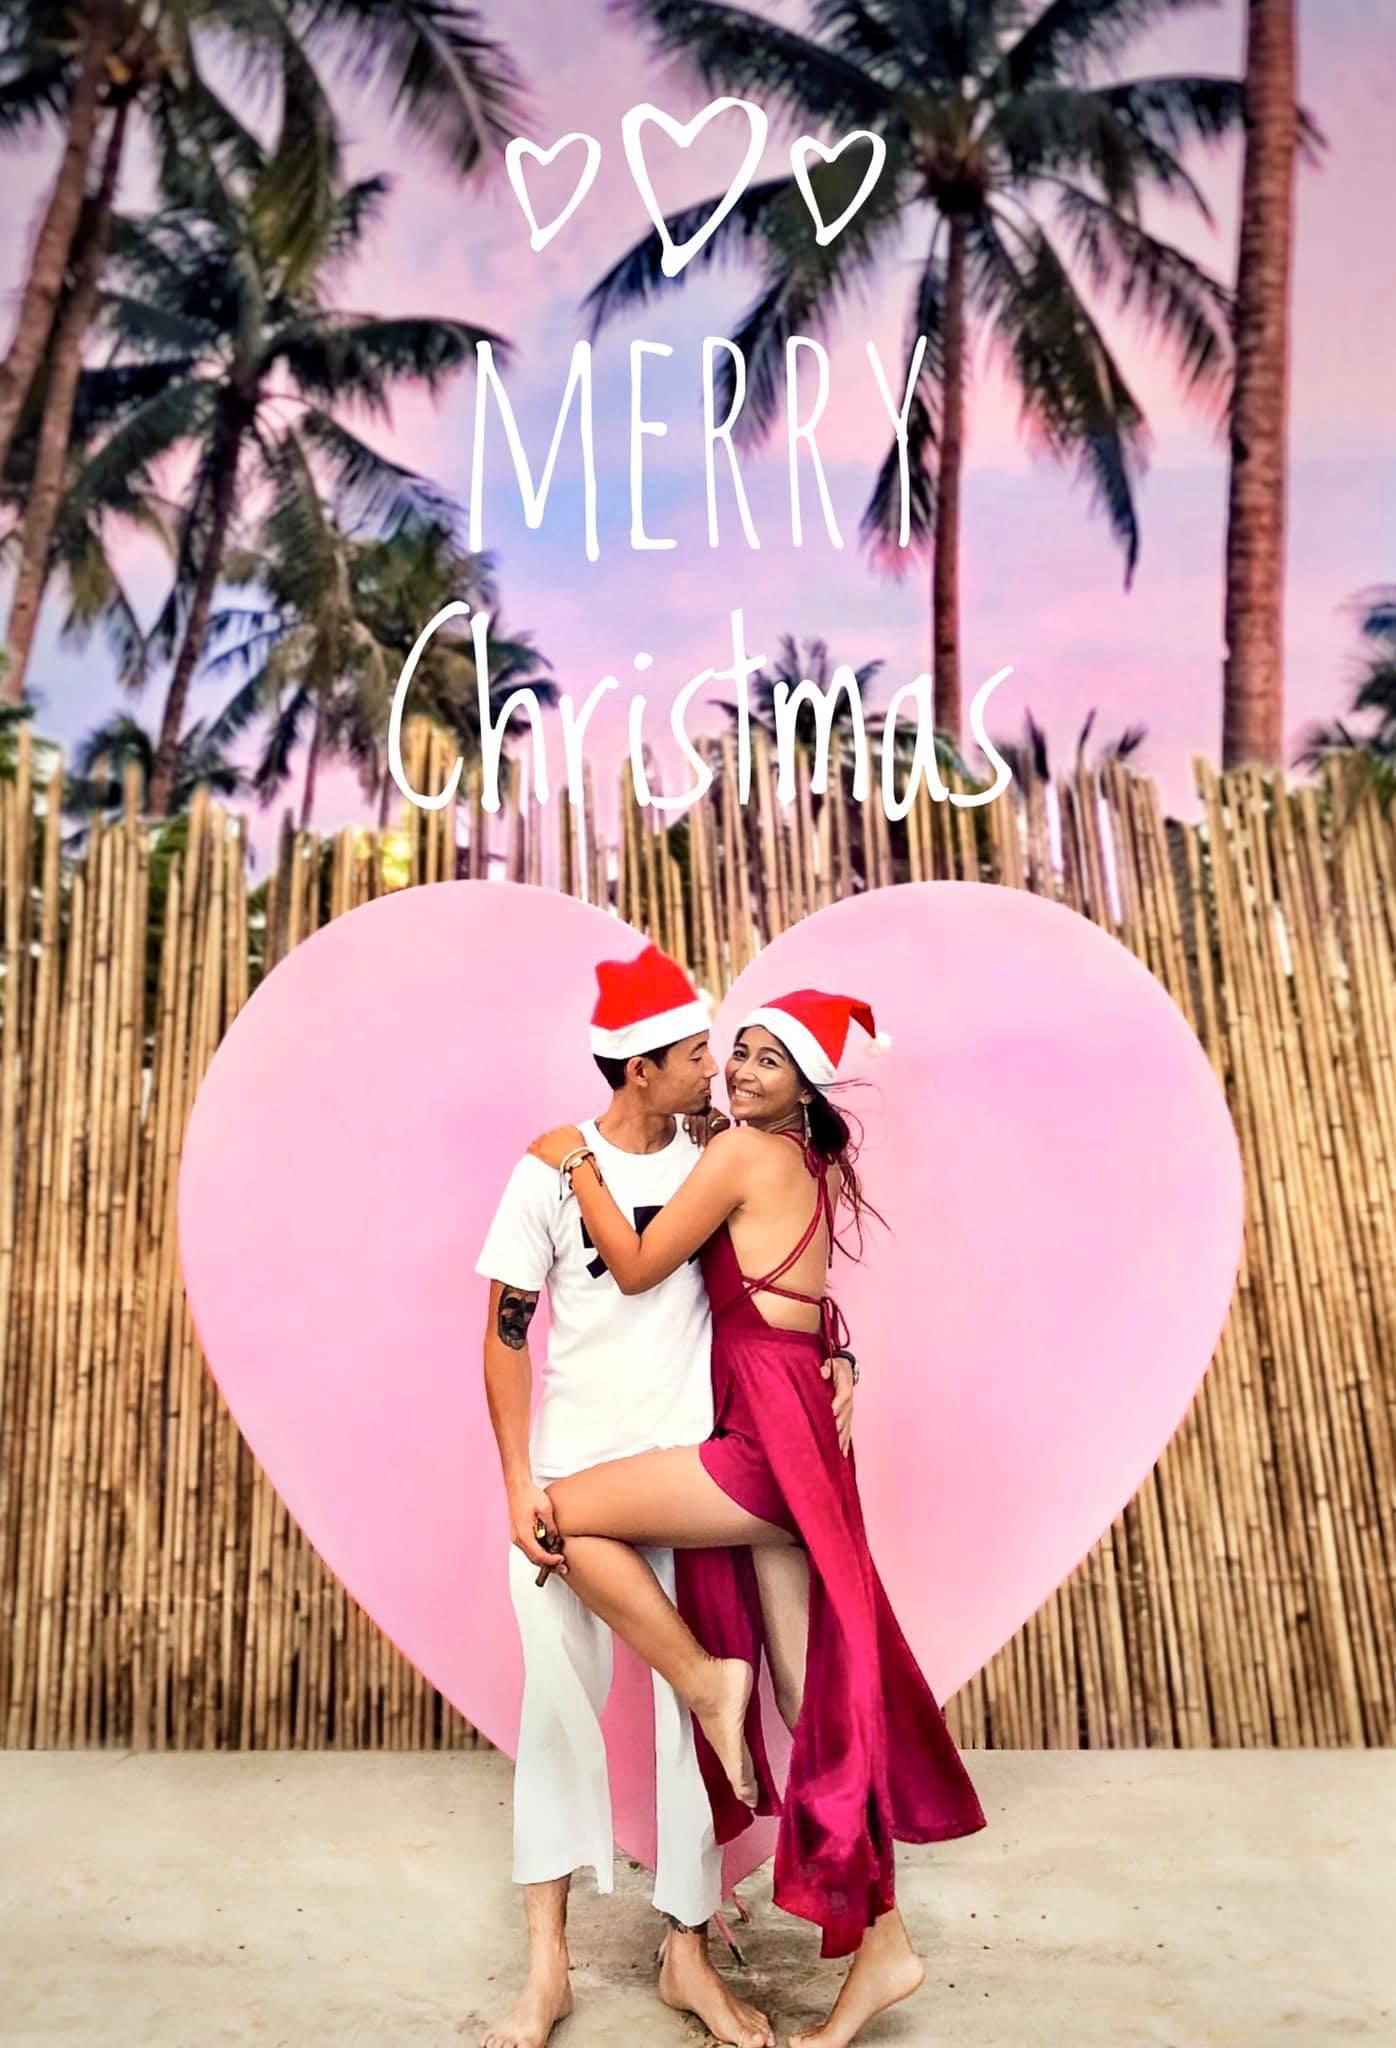 祝大家2019 Merry Christmas!